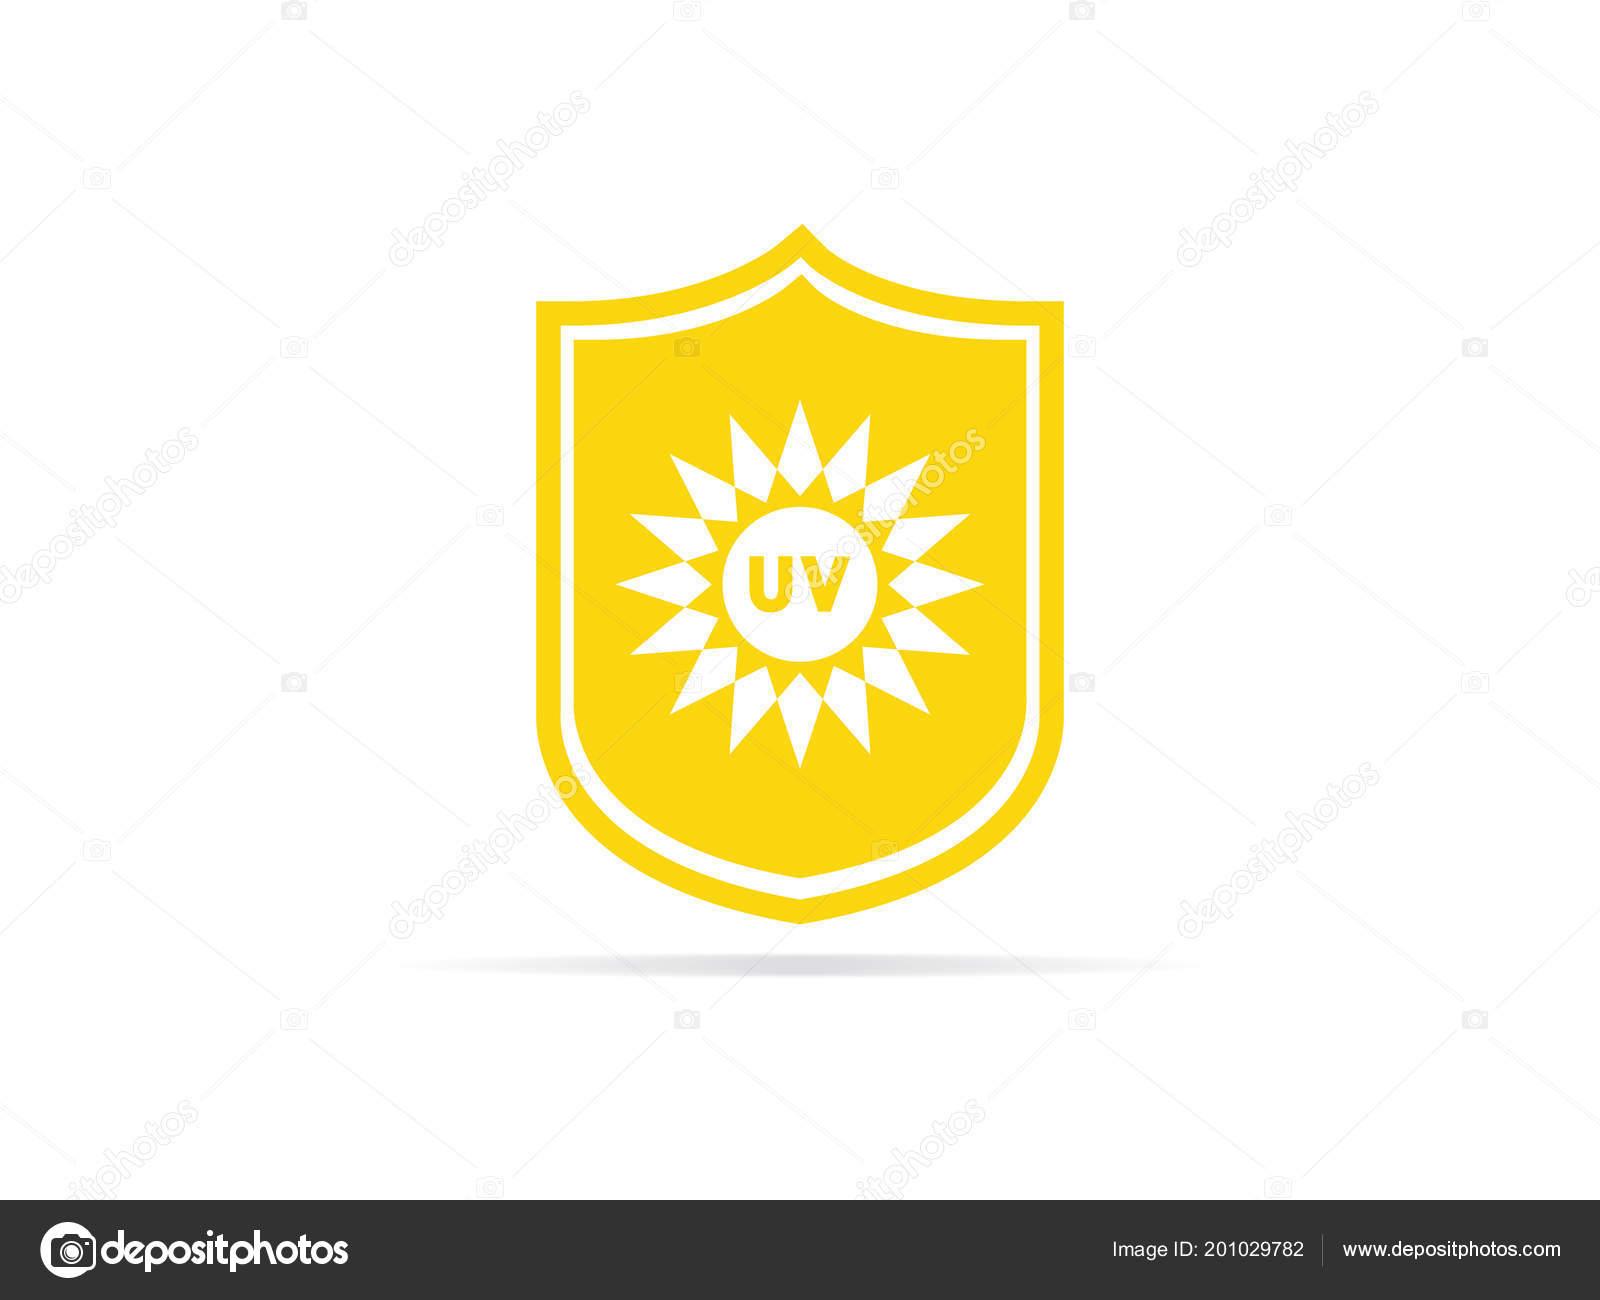 1fda7470929e64 Bescherming Pictogram Ultraviolette Straling Met Zon Schild Logo Symbool  Vectorillustratie– stockillustratie